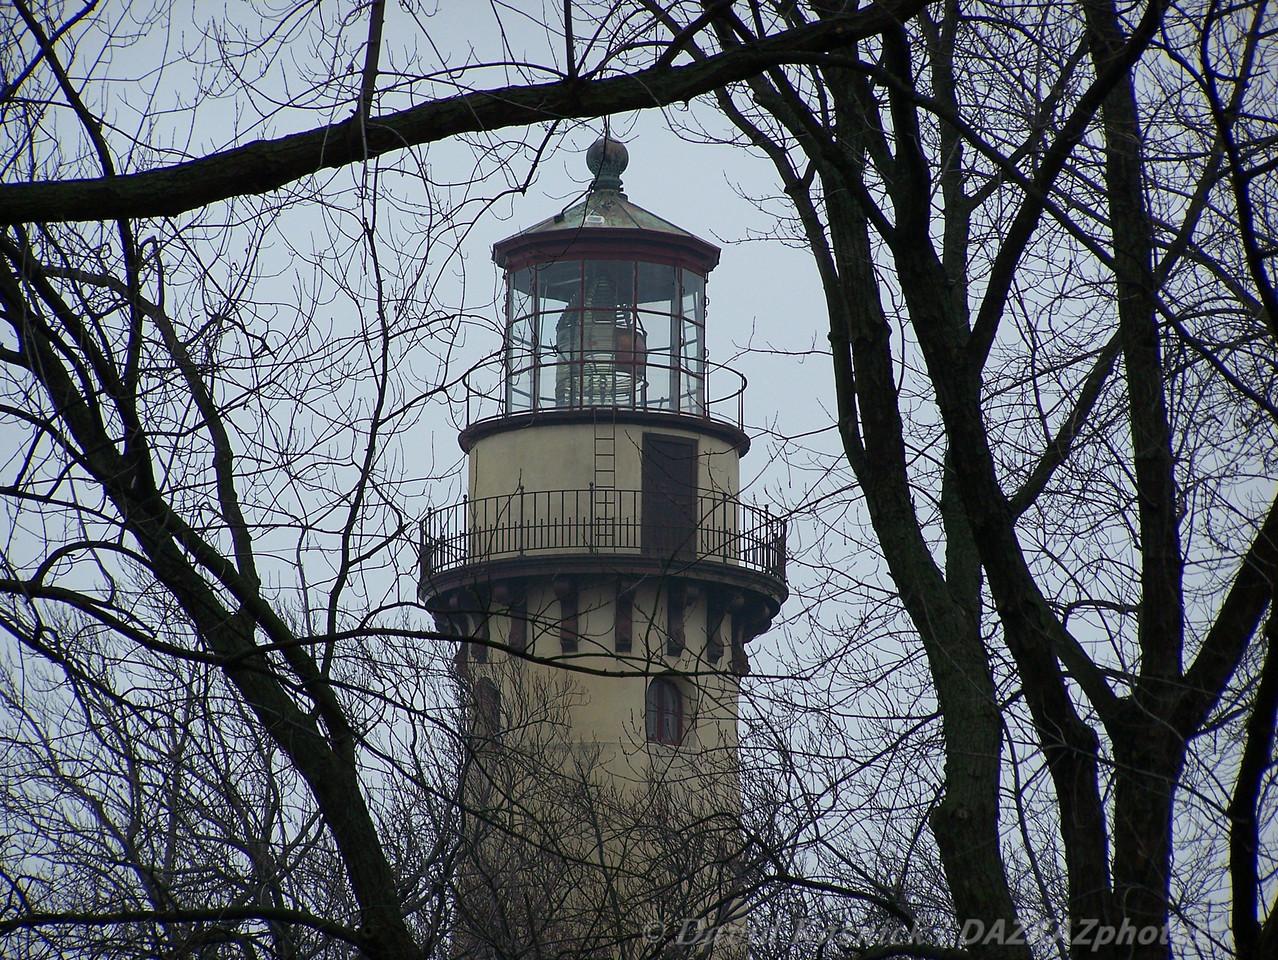 Light Through The Trees - Evanston, IL